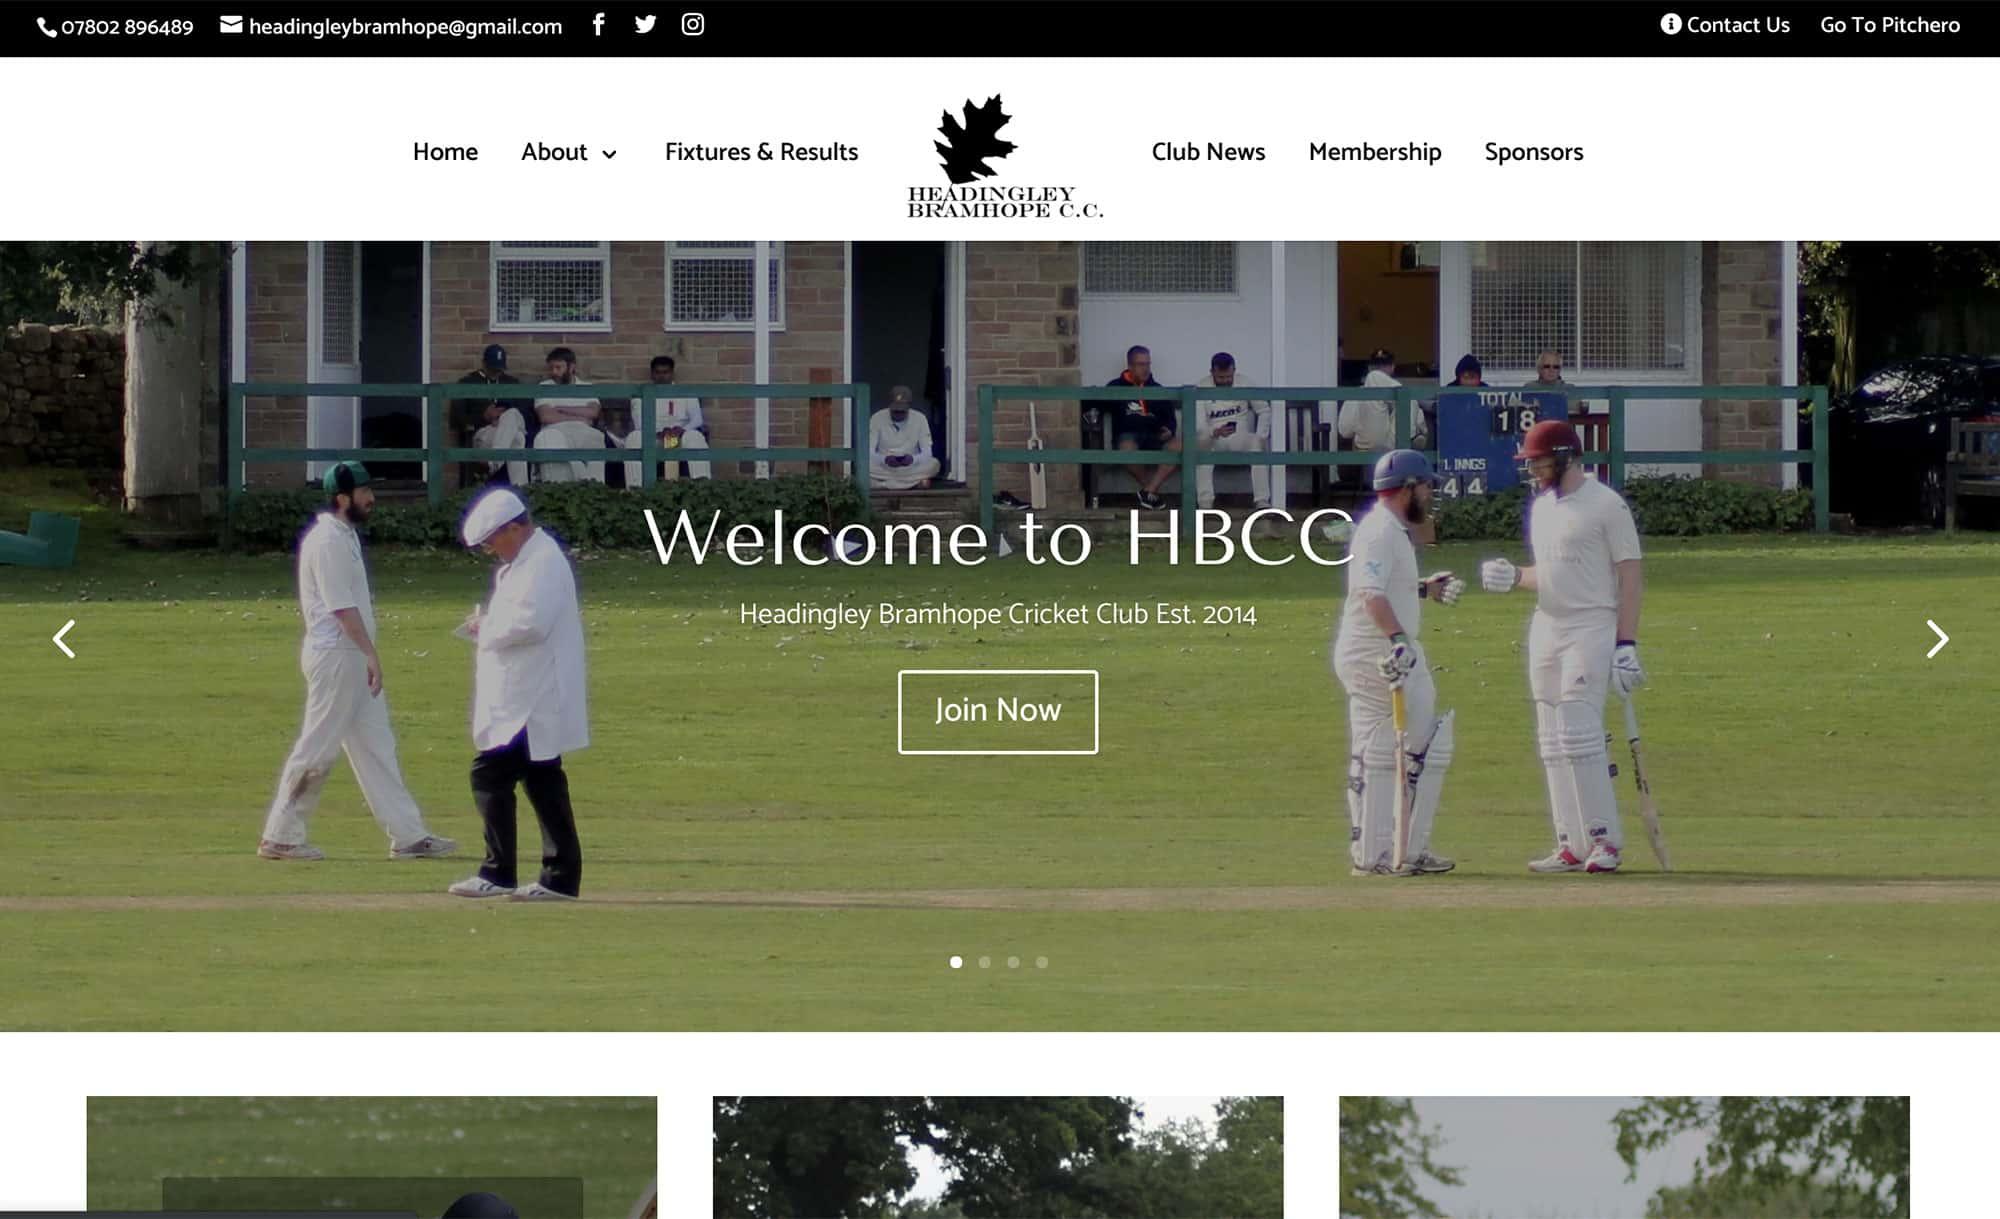 HBCC website homepage